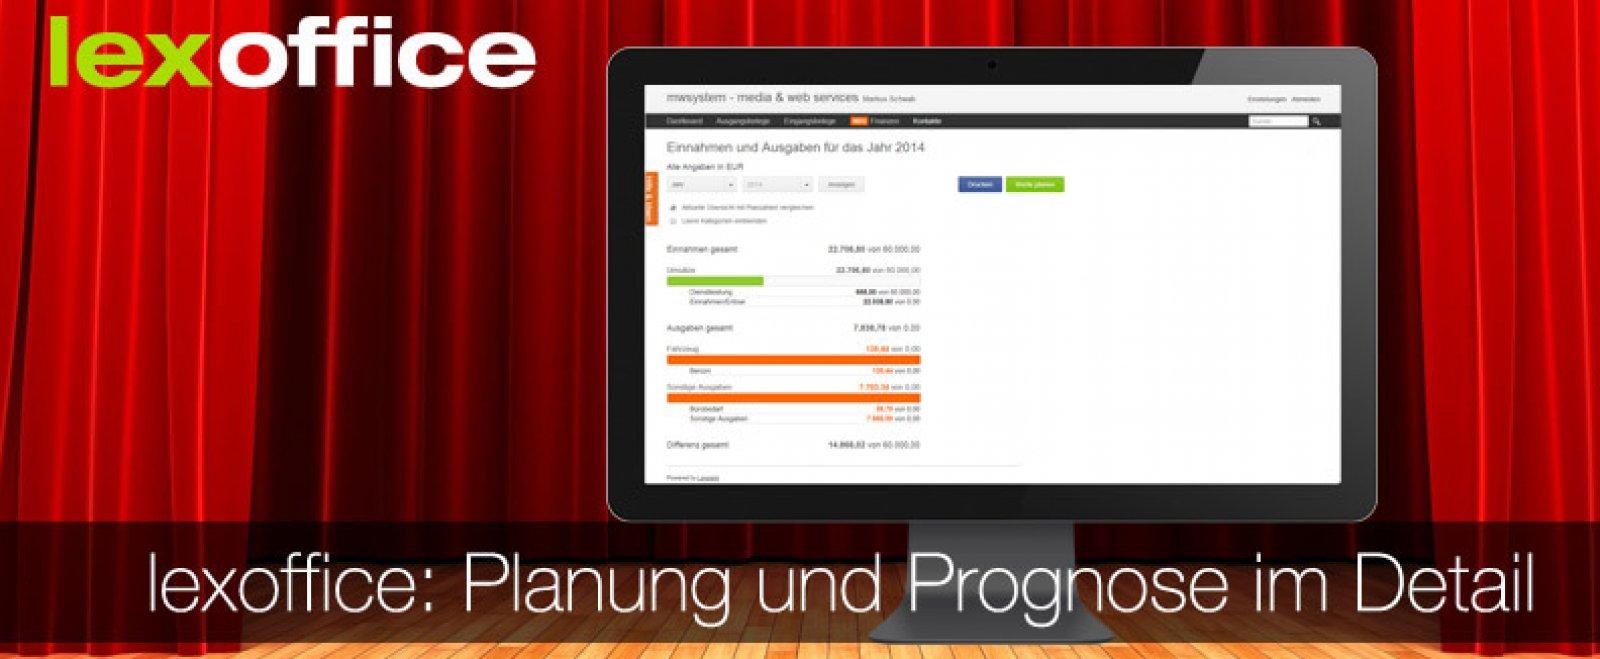 Auftrag & Finanzen: Planung und Prognose